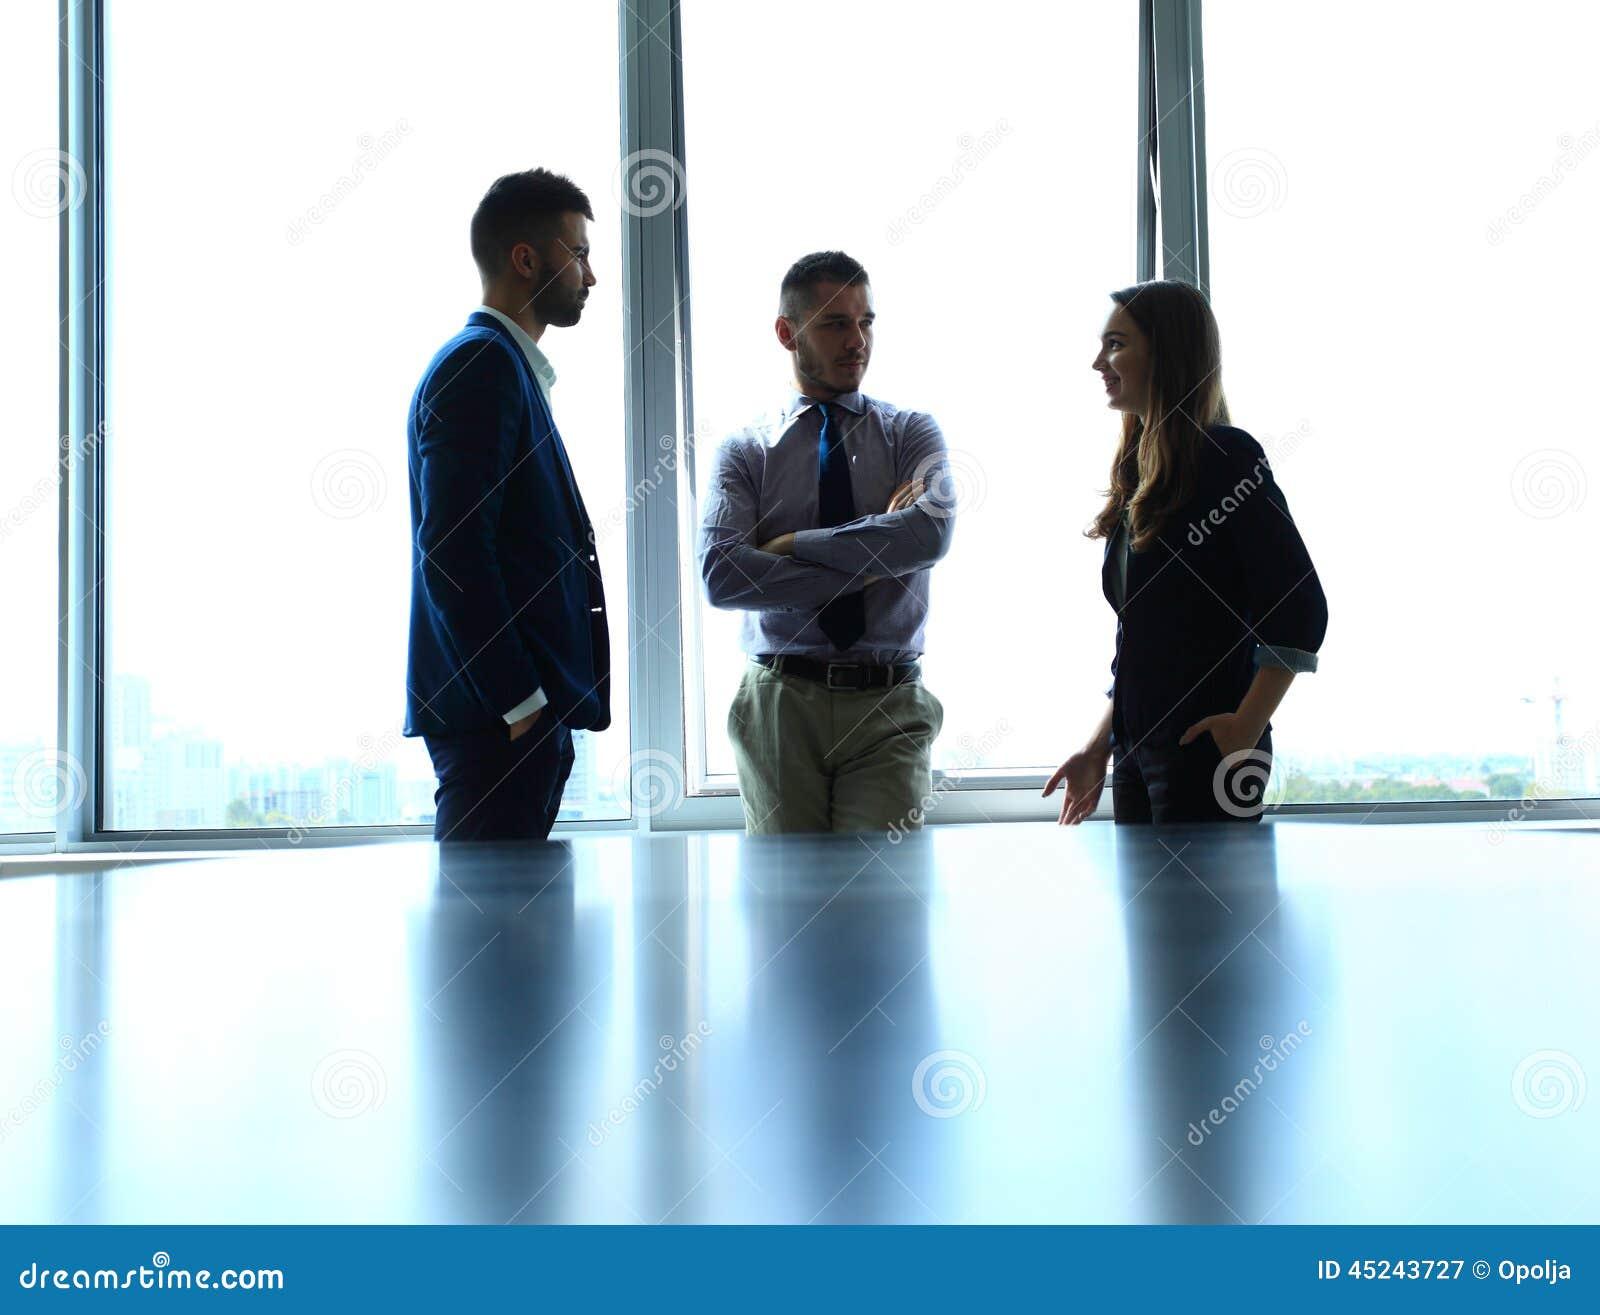 Schaduwrijk beeld van een manager die bedrijfskwesties bespreken